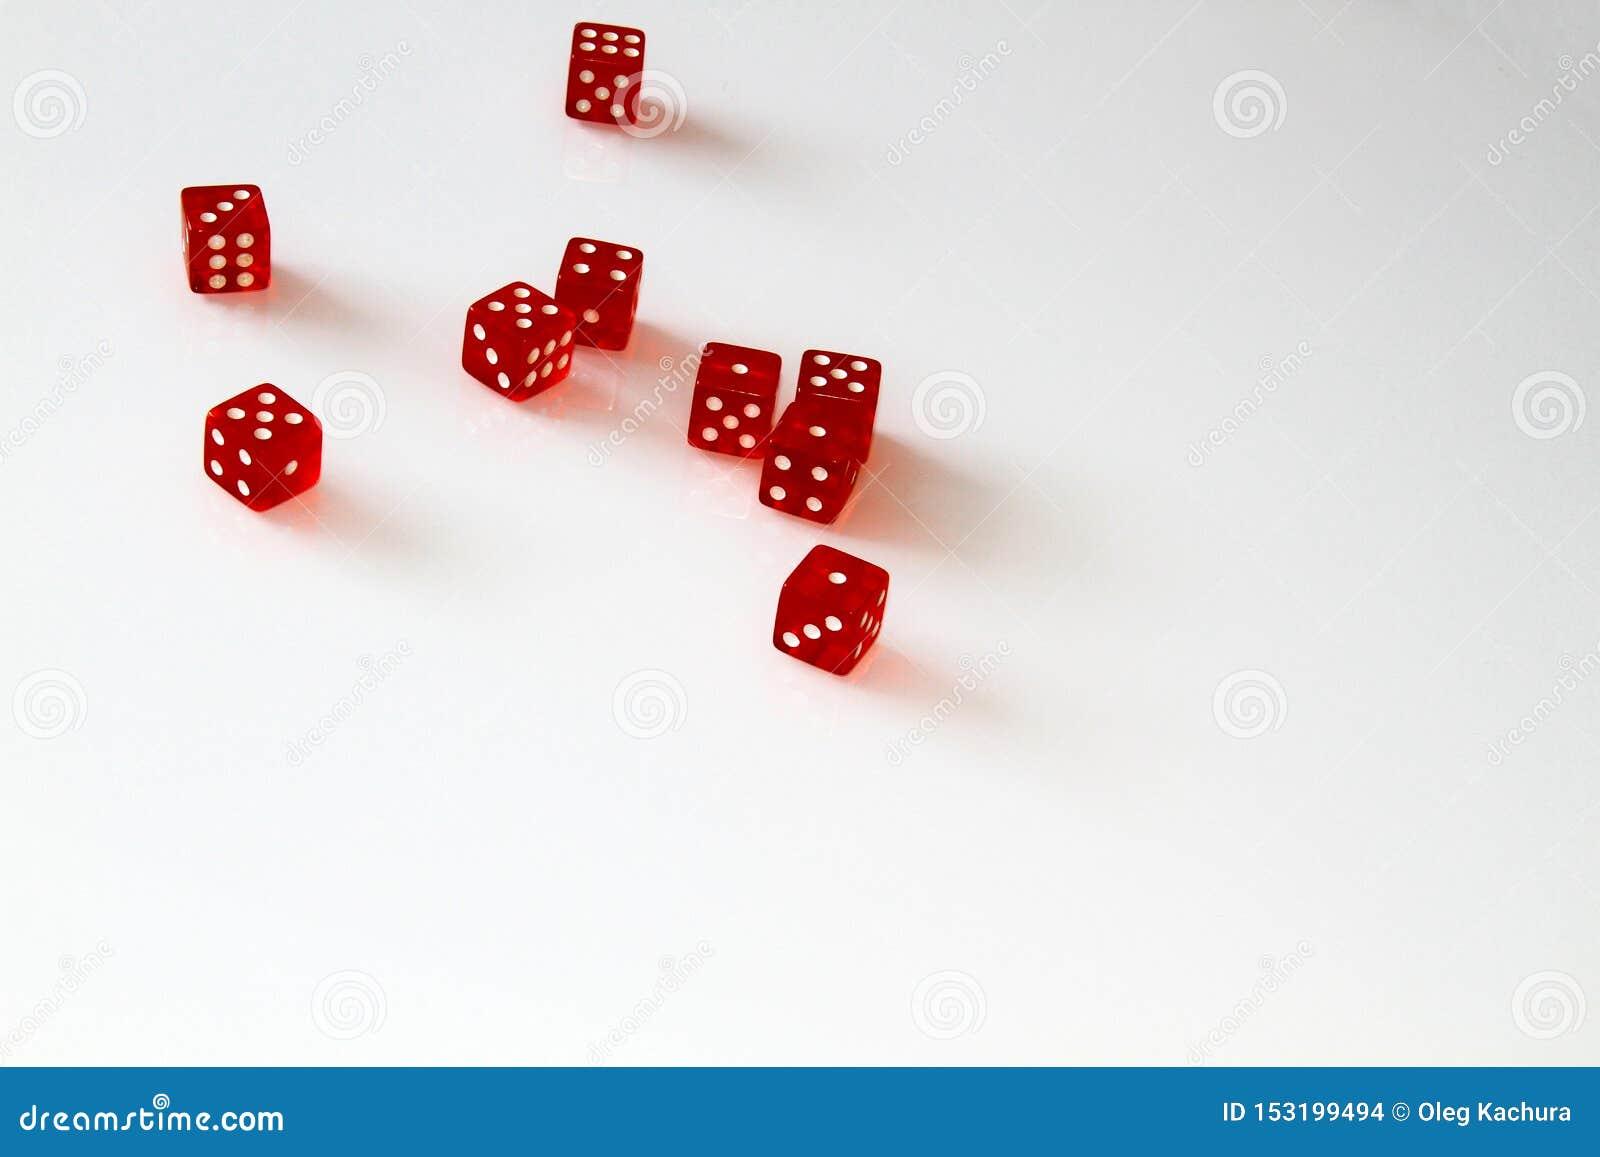 Dados do casino isolados no branco jogo isolate